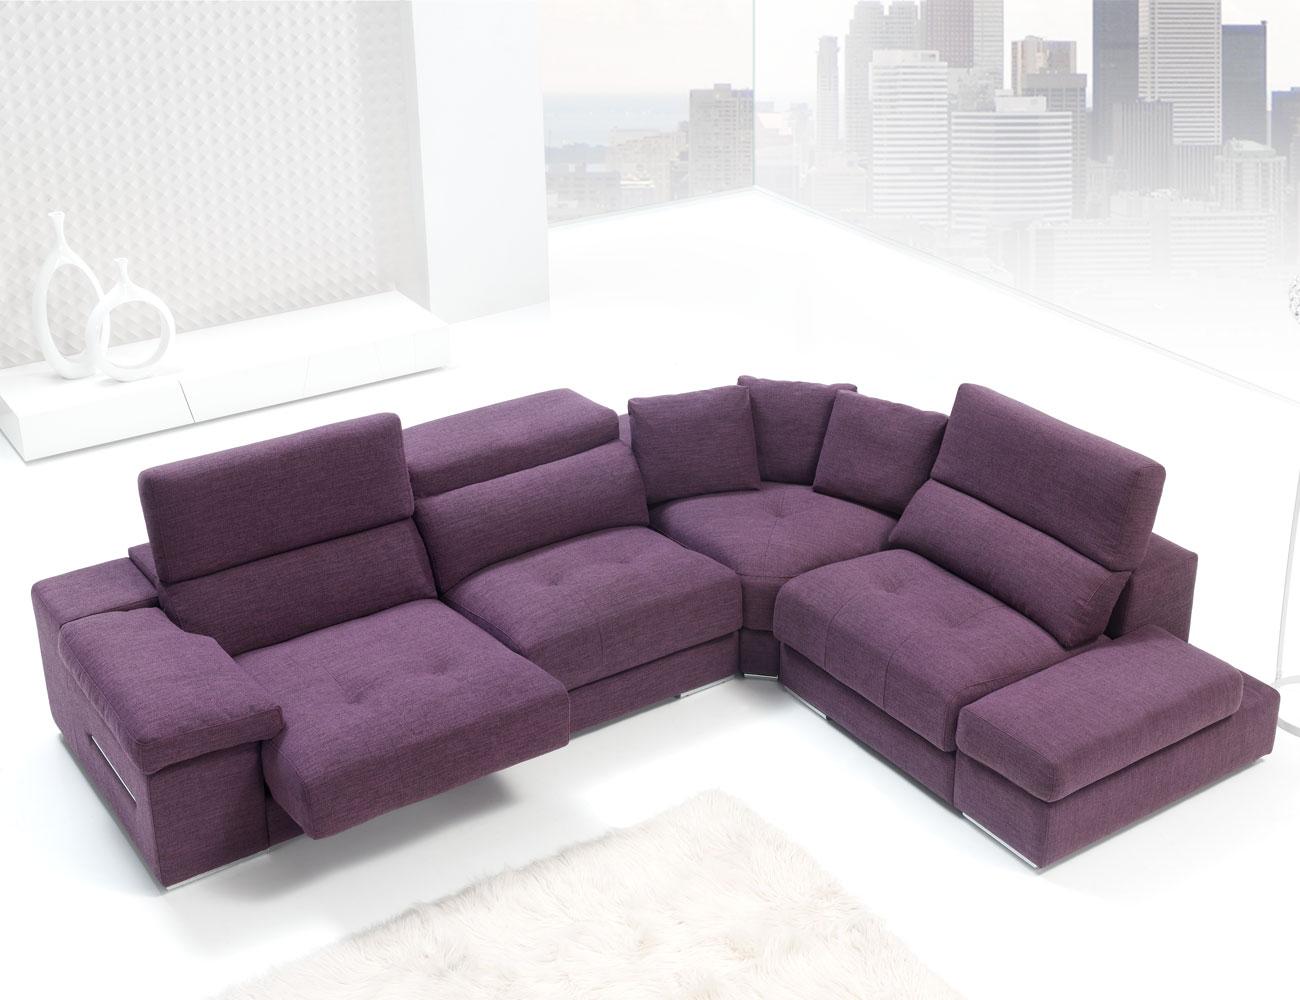 Sofa chaiselongue rincon con brazo mecanico tejido anti manchas 26